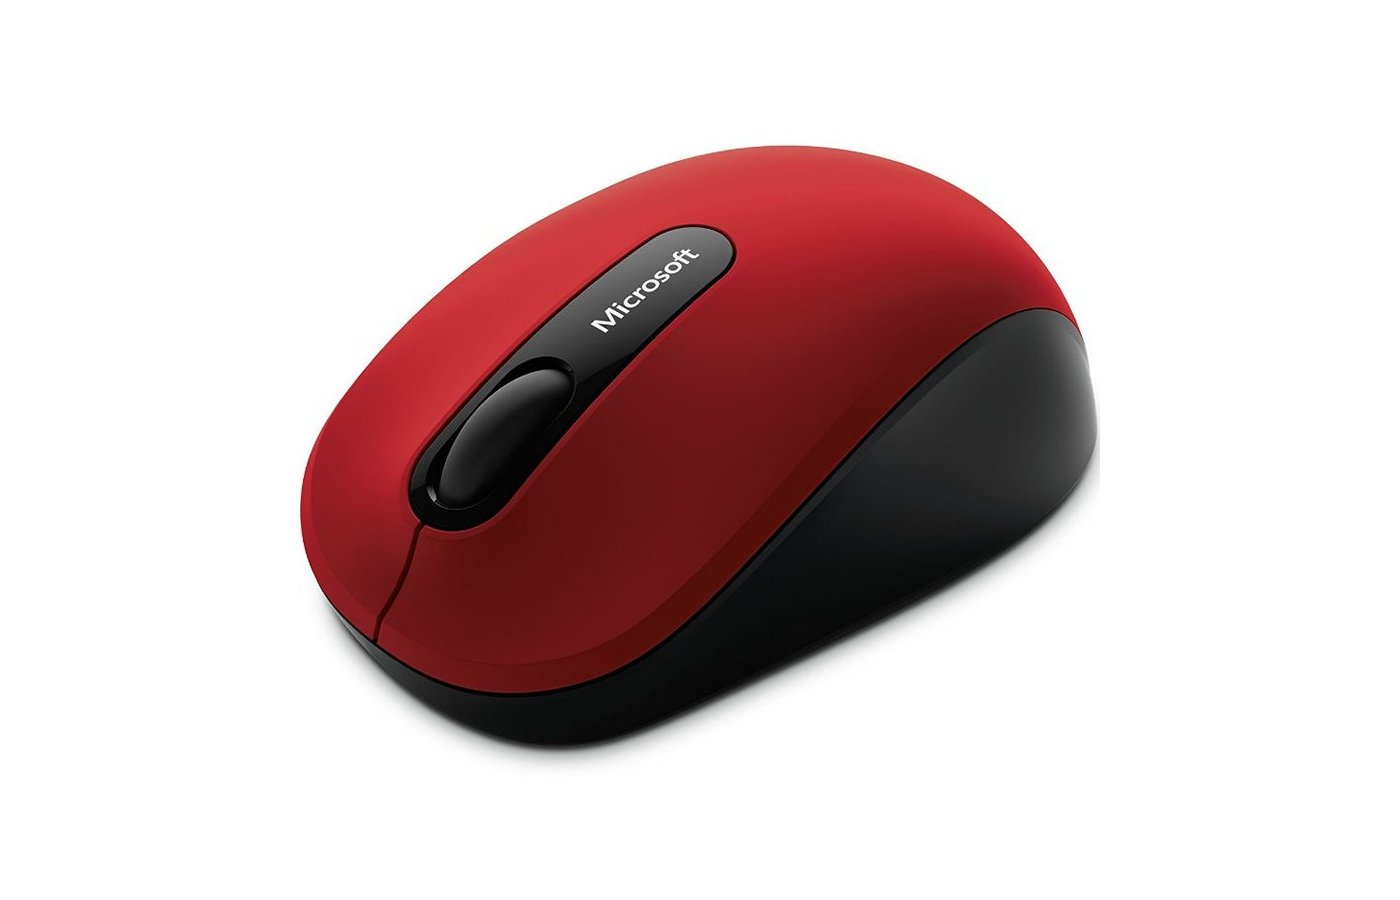 Мышь беспроводная Microsoft Mobile 3600 красный/черный оптическая (1000dpi) беспроводная BT (2but)